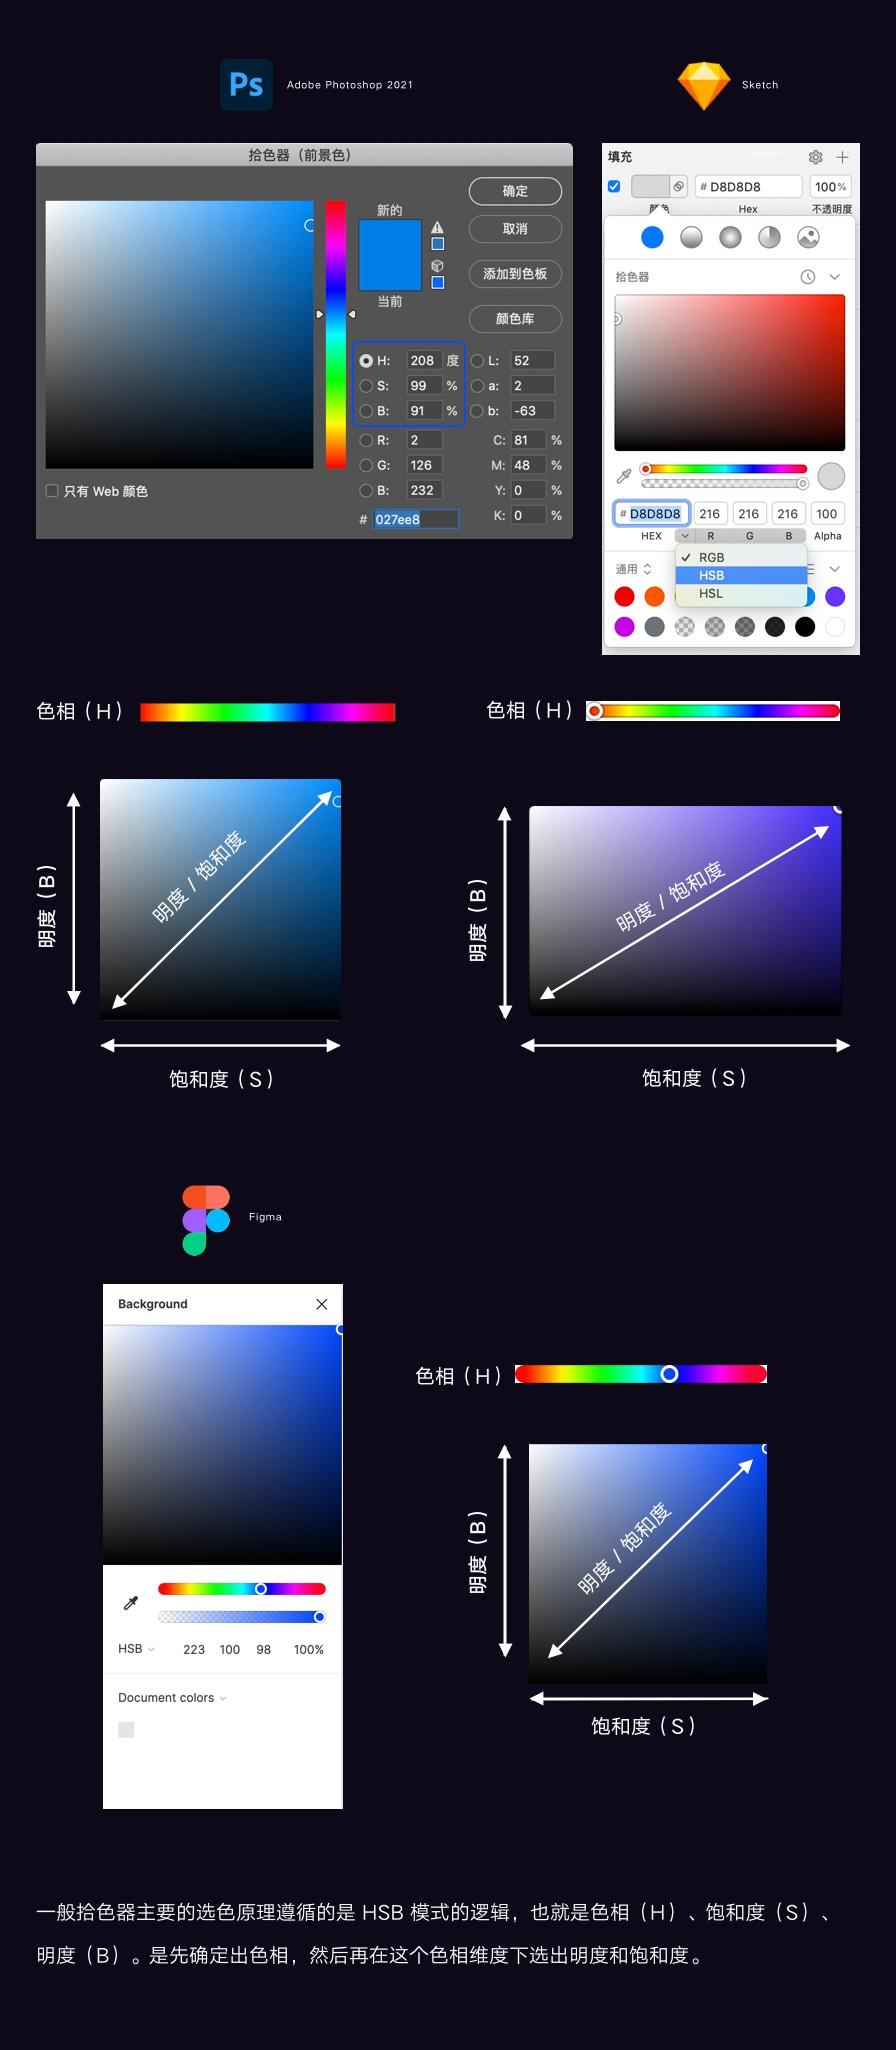 HSB色彩模式是什么,如何应用?